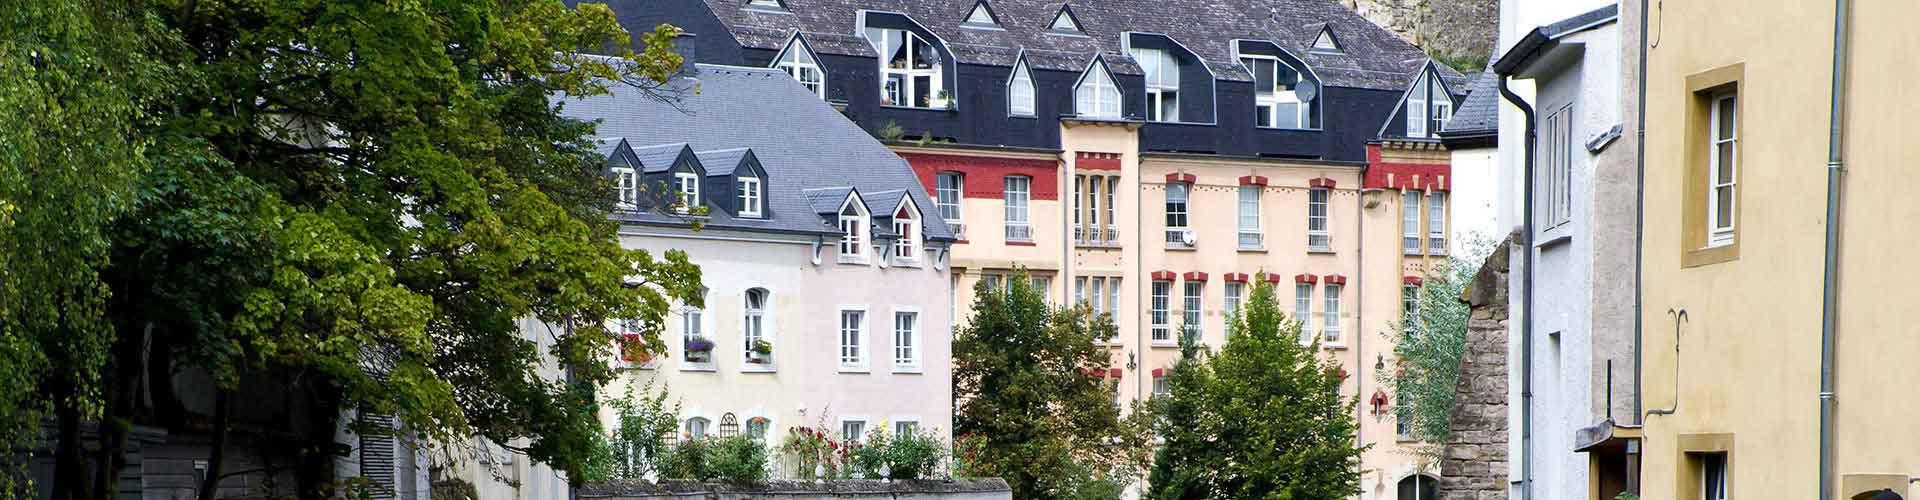 布鲁塞尔 – Basse Ville区的宾馆。布鲁塞尔地图,布鲁塞尔每间宾馆的照片和评价。